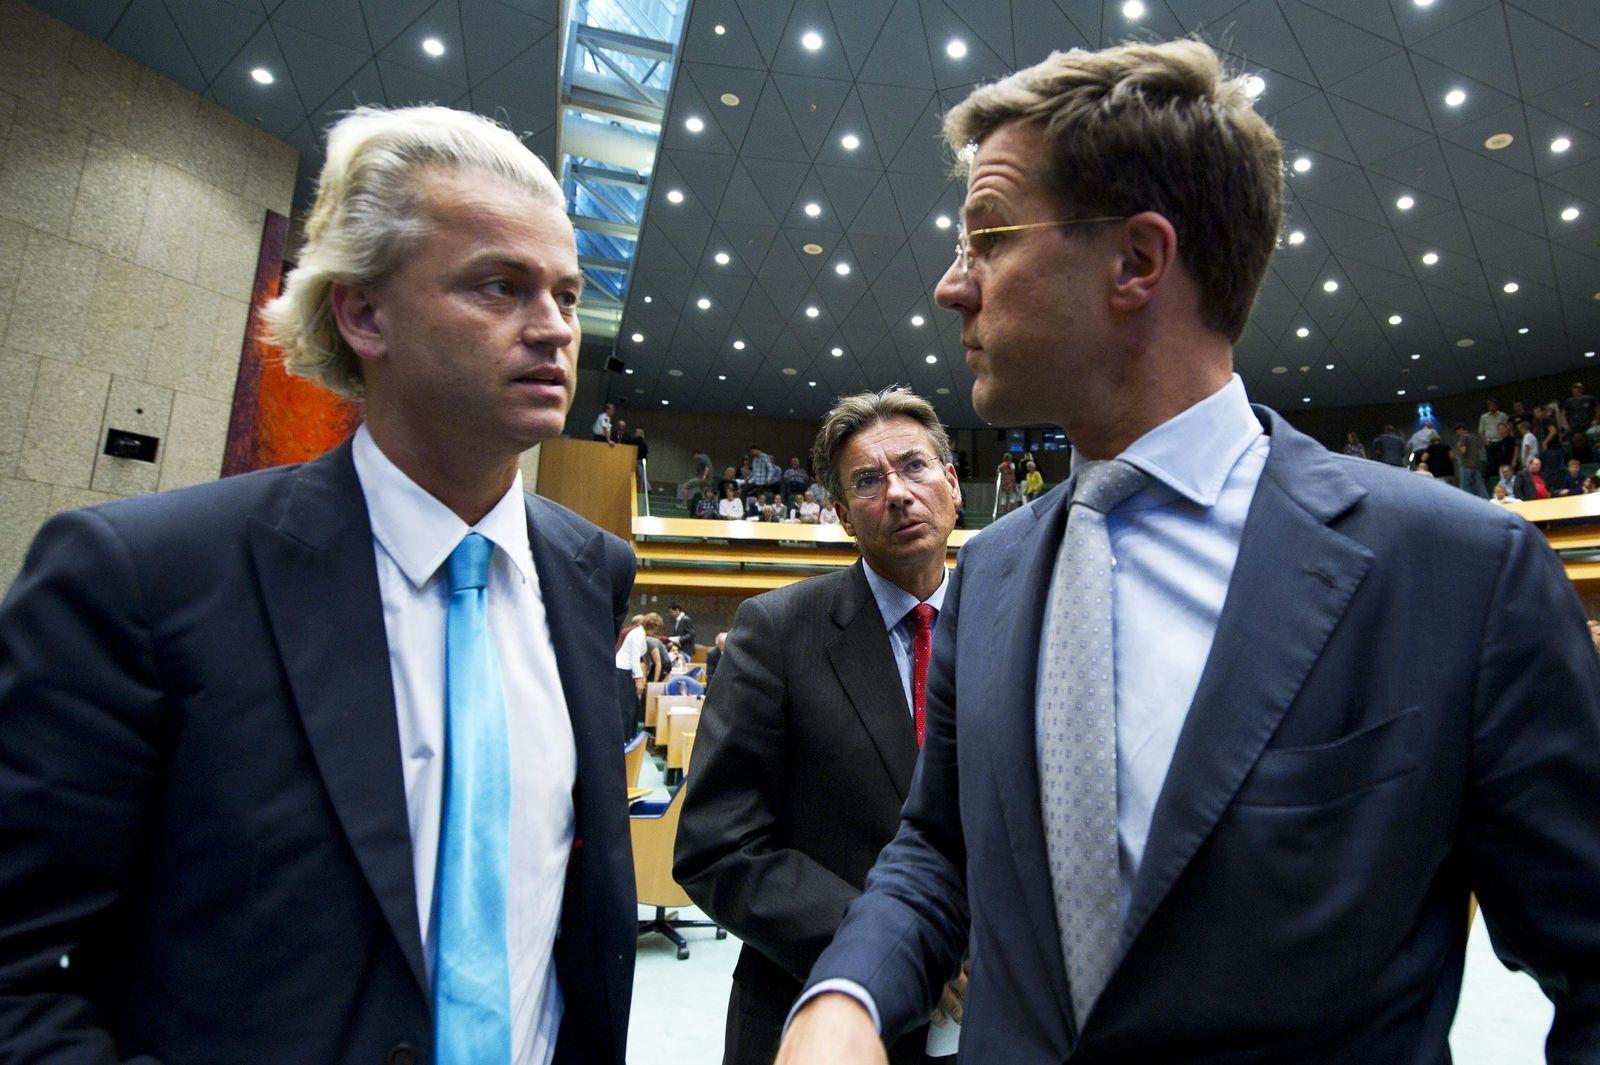 Sondersitzung des niederländischen Parlaments